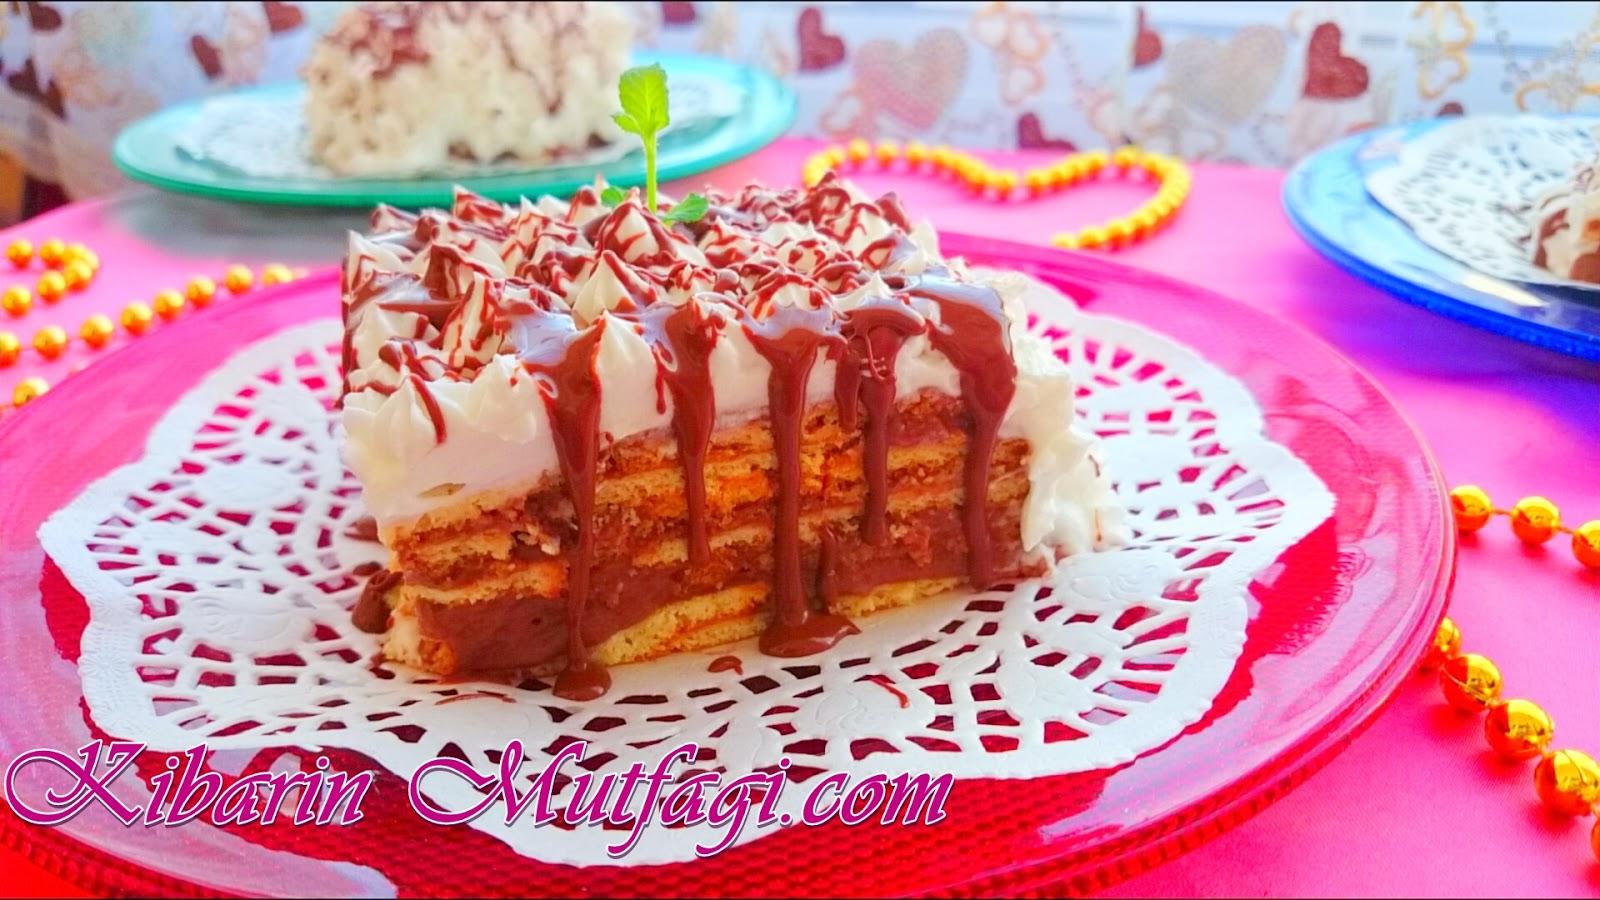 Eti kakaolu bisküviden muzlu tek porsiyonluk mini pasta tarifi – Kolay bisküvili pasta tarifleri